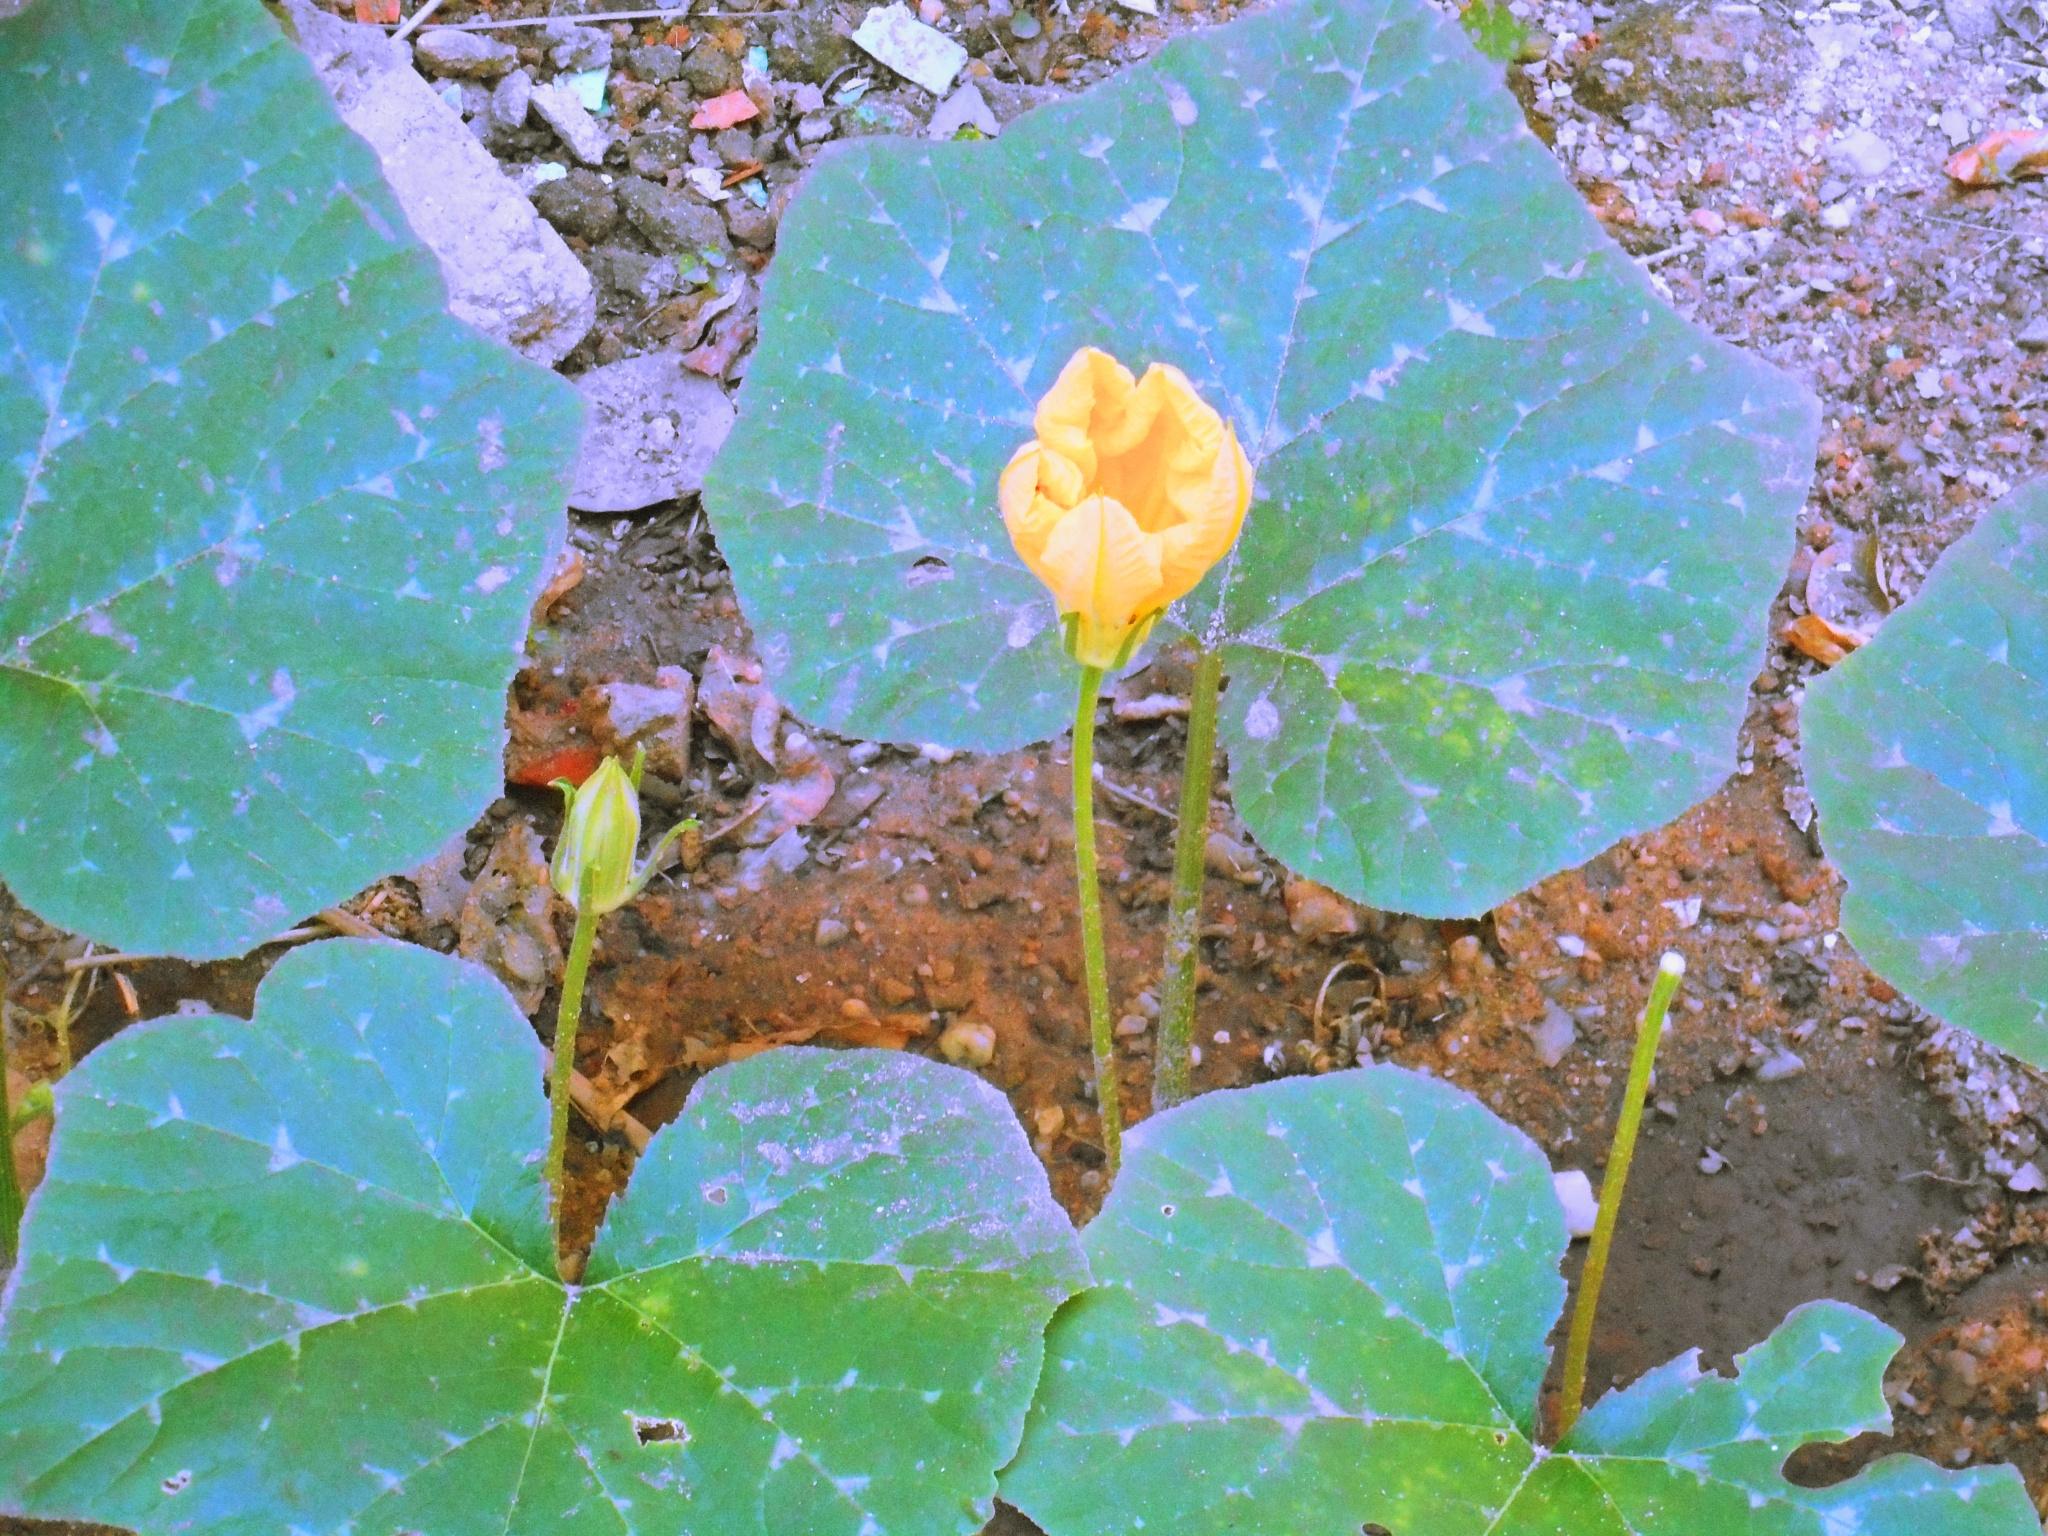 Pumpkin Plant & Blossoms by Elmer Leach